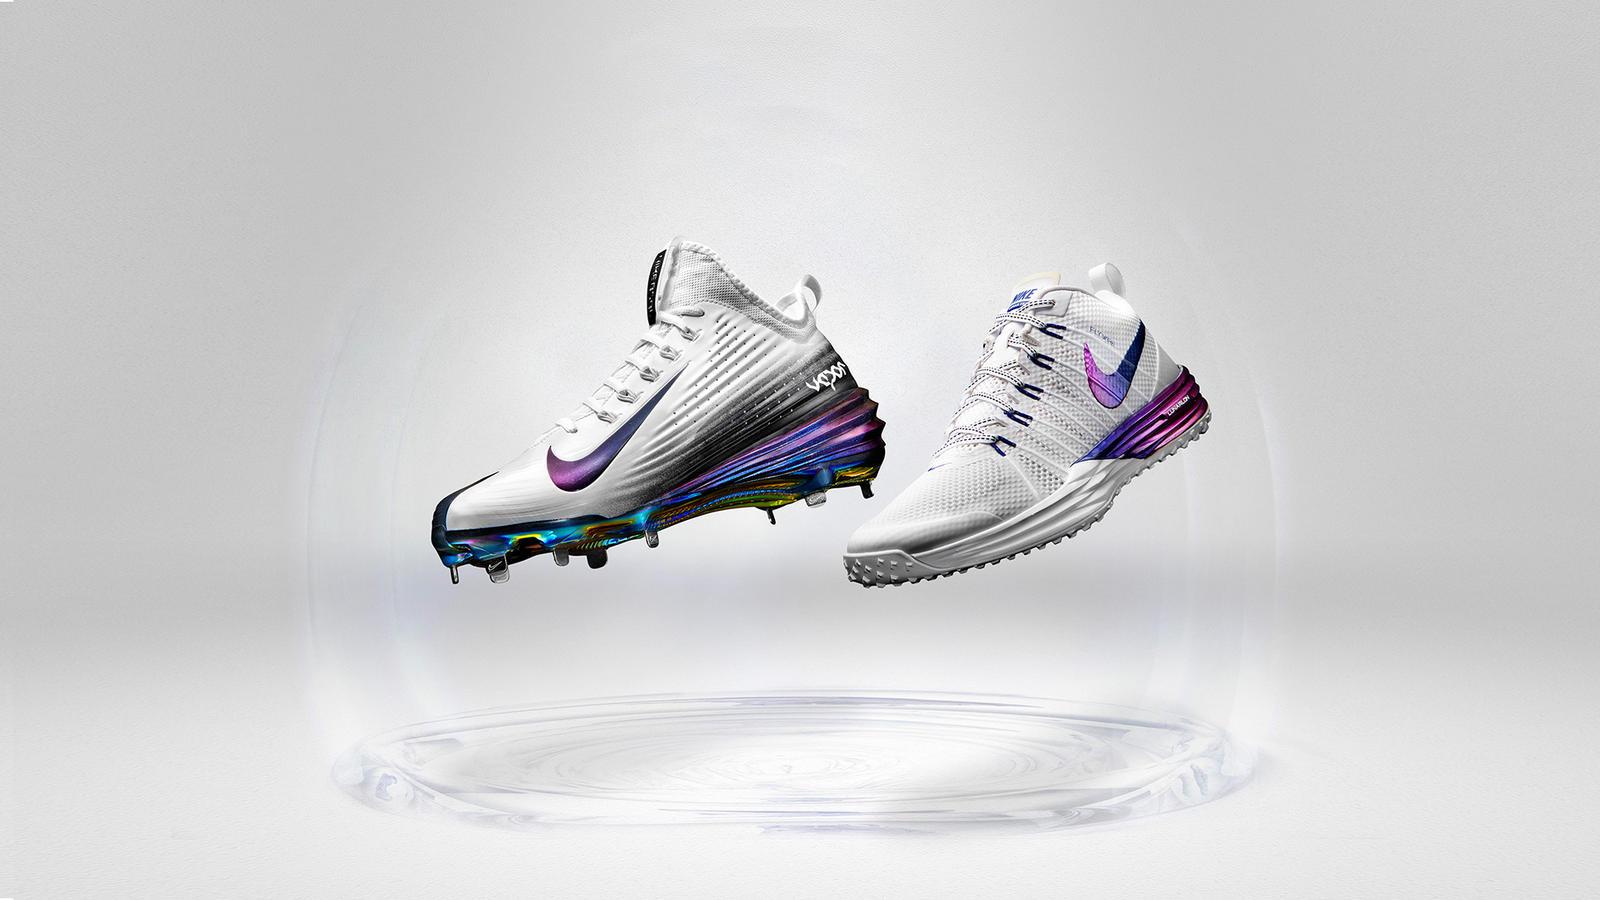 Nike Baseball 2014 Hrd Shoes